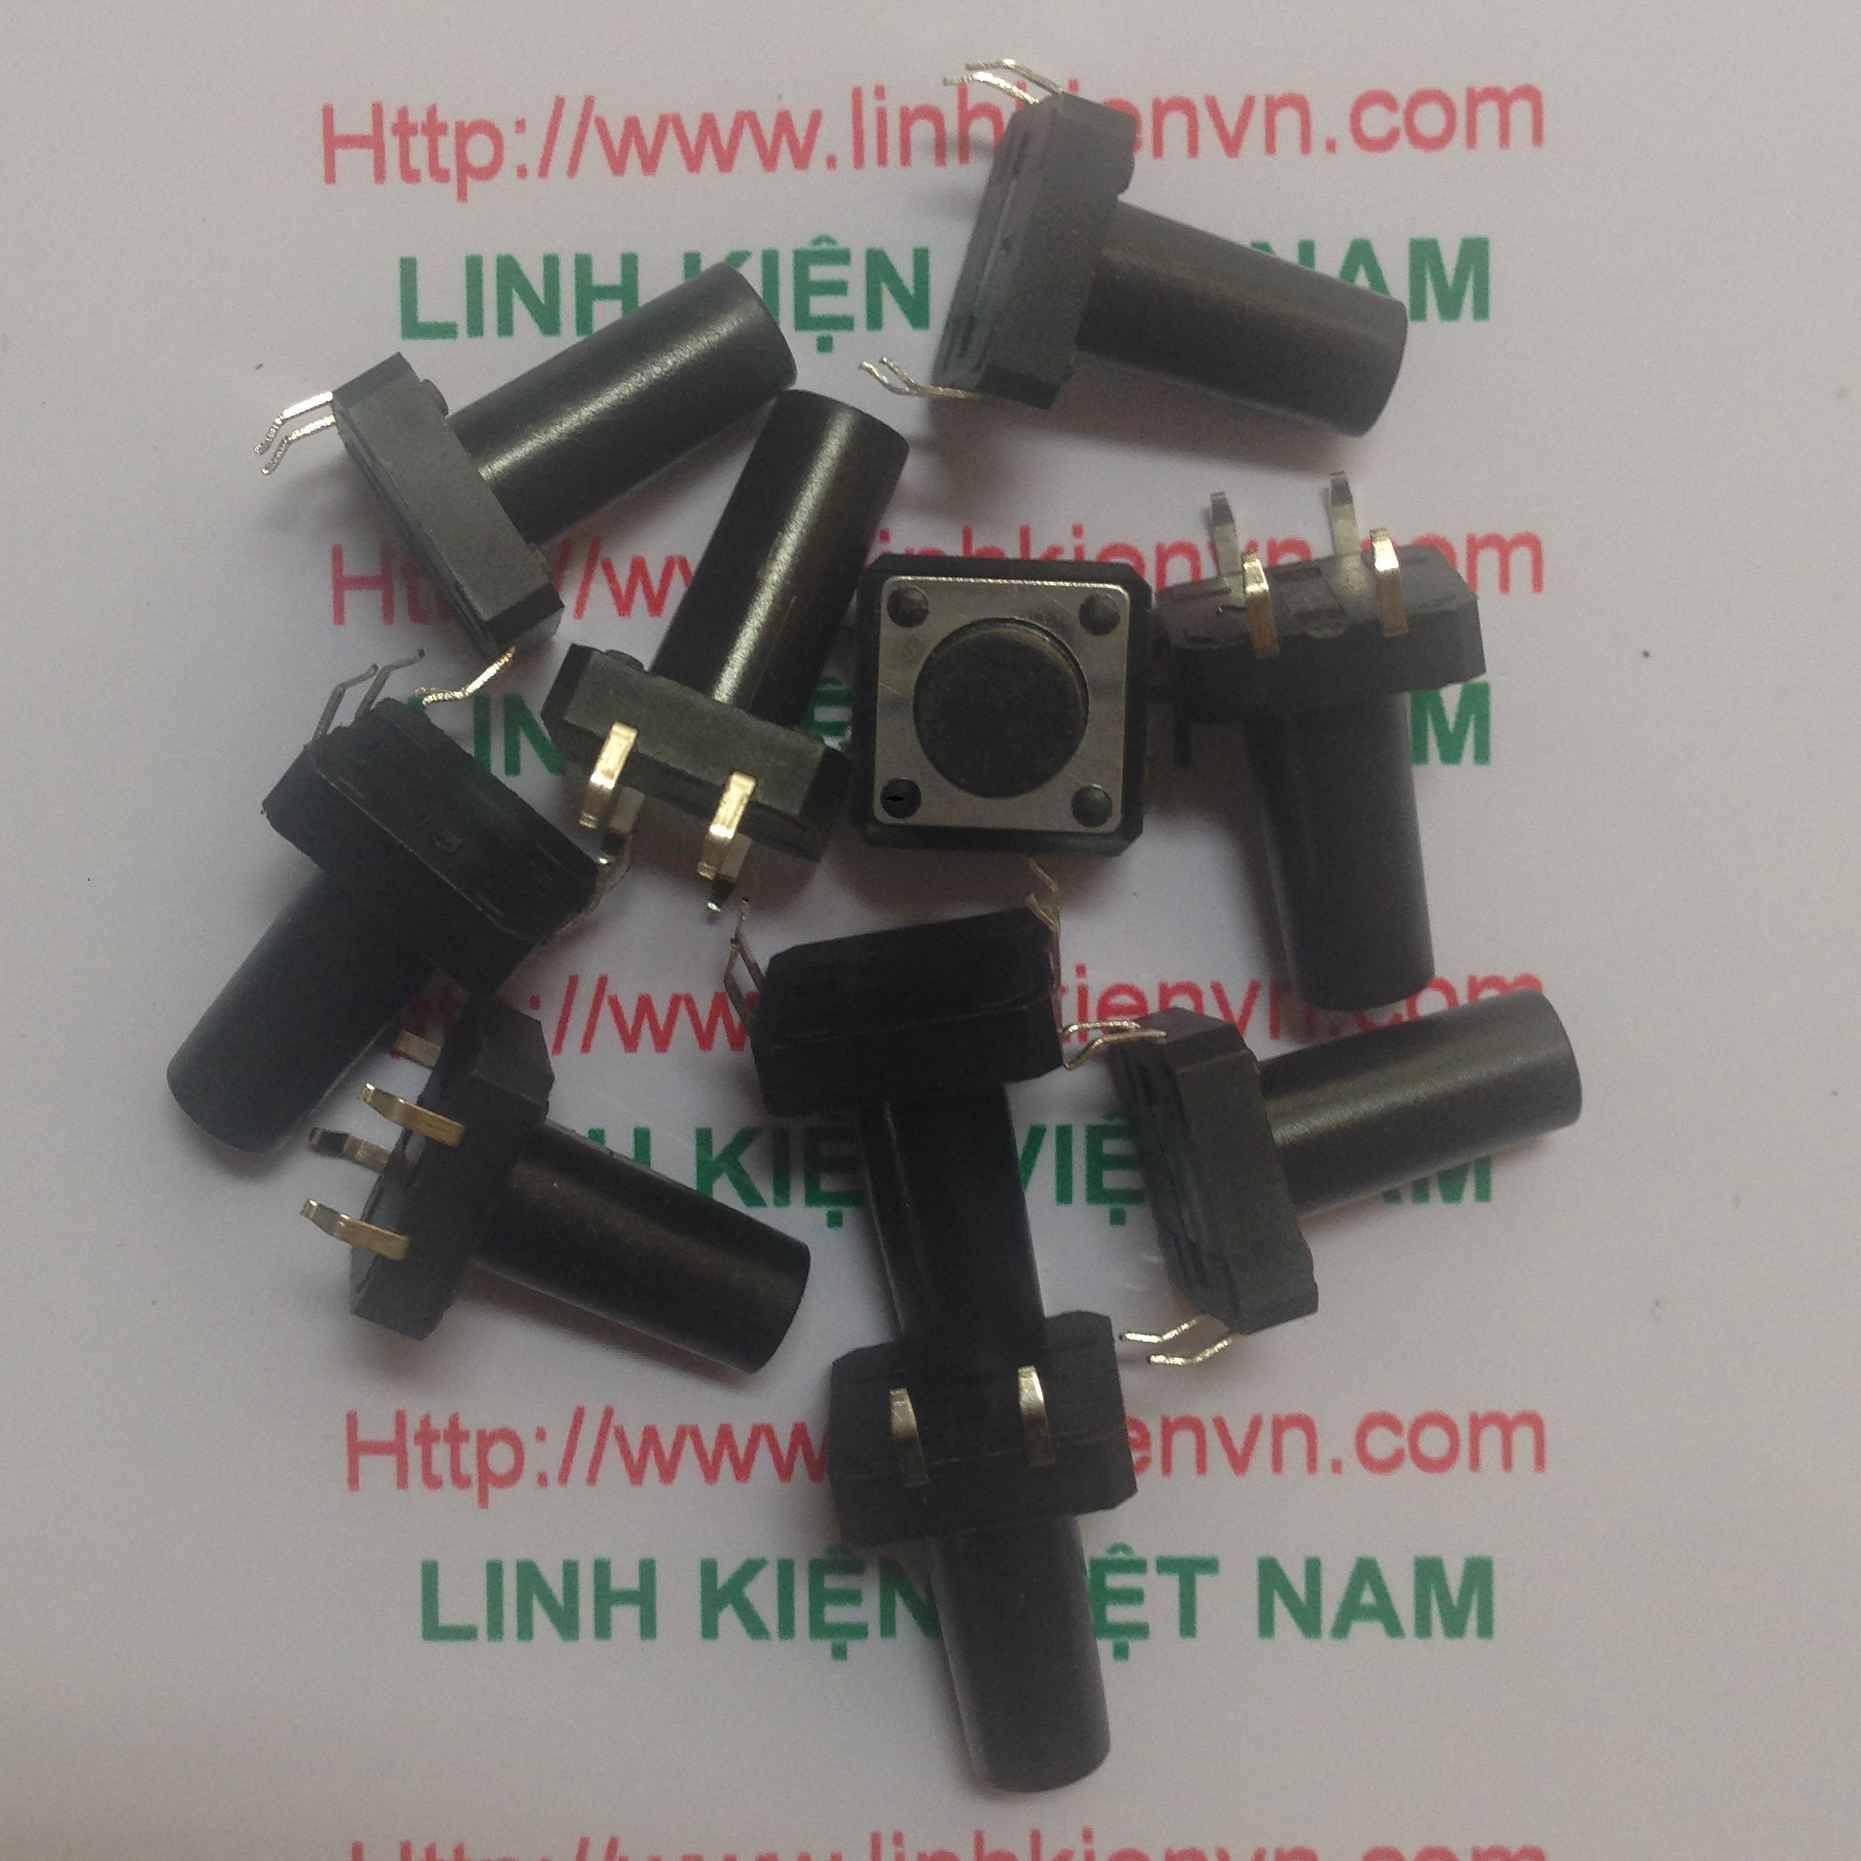 NÚT nhấn 4 chân 12x12x15mm / NÚT BẤM 4 CHÂN 12x12x15mm - i3H14